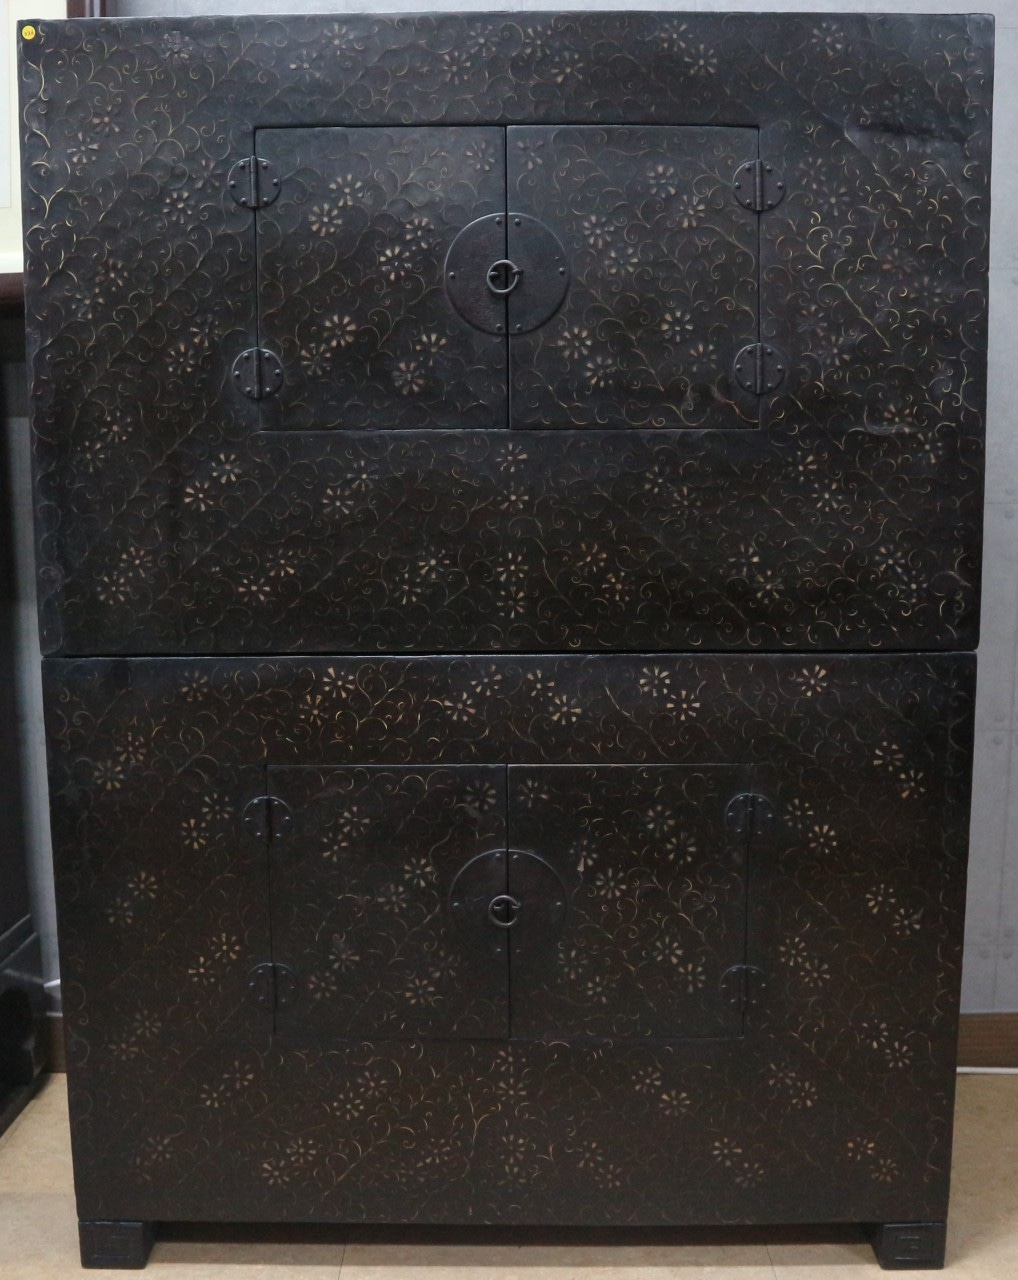 211. 조선어피(魚皮)2층동(銅)상감농 2층장